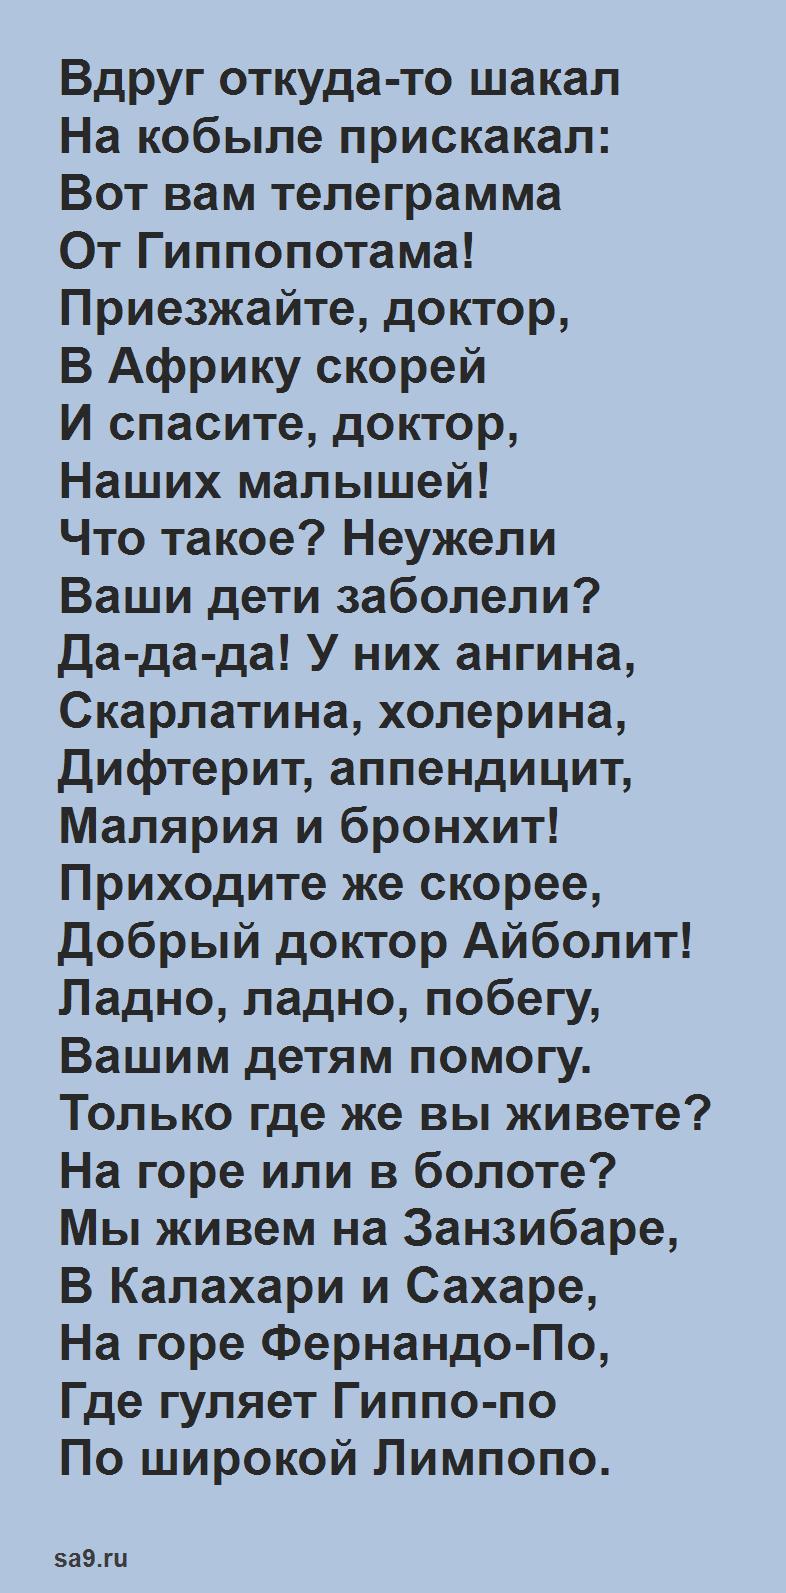 Читаем сказки Чуковского для детей 'Айболит'